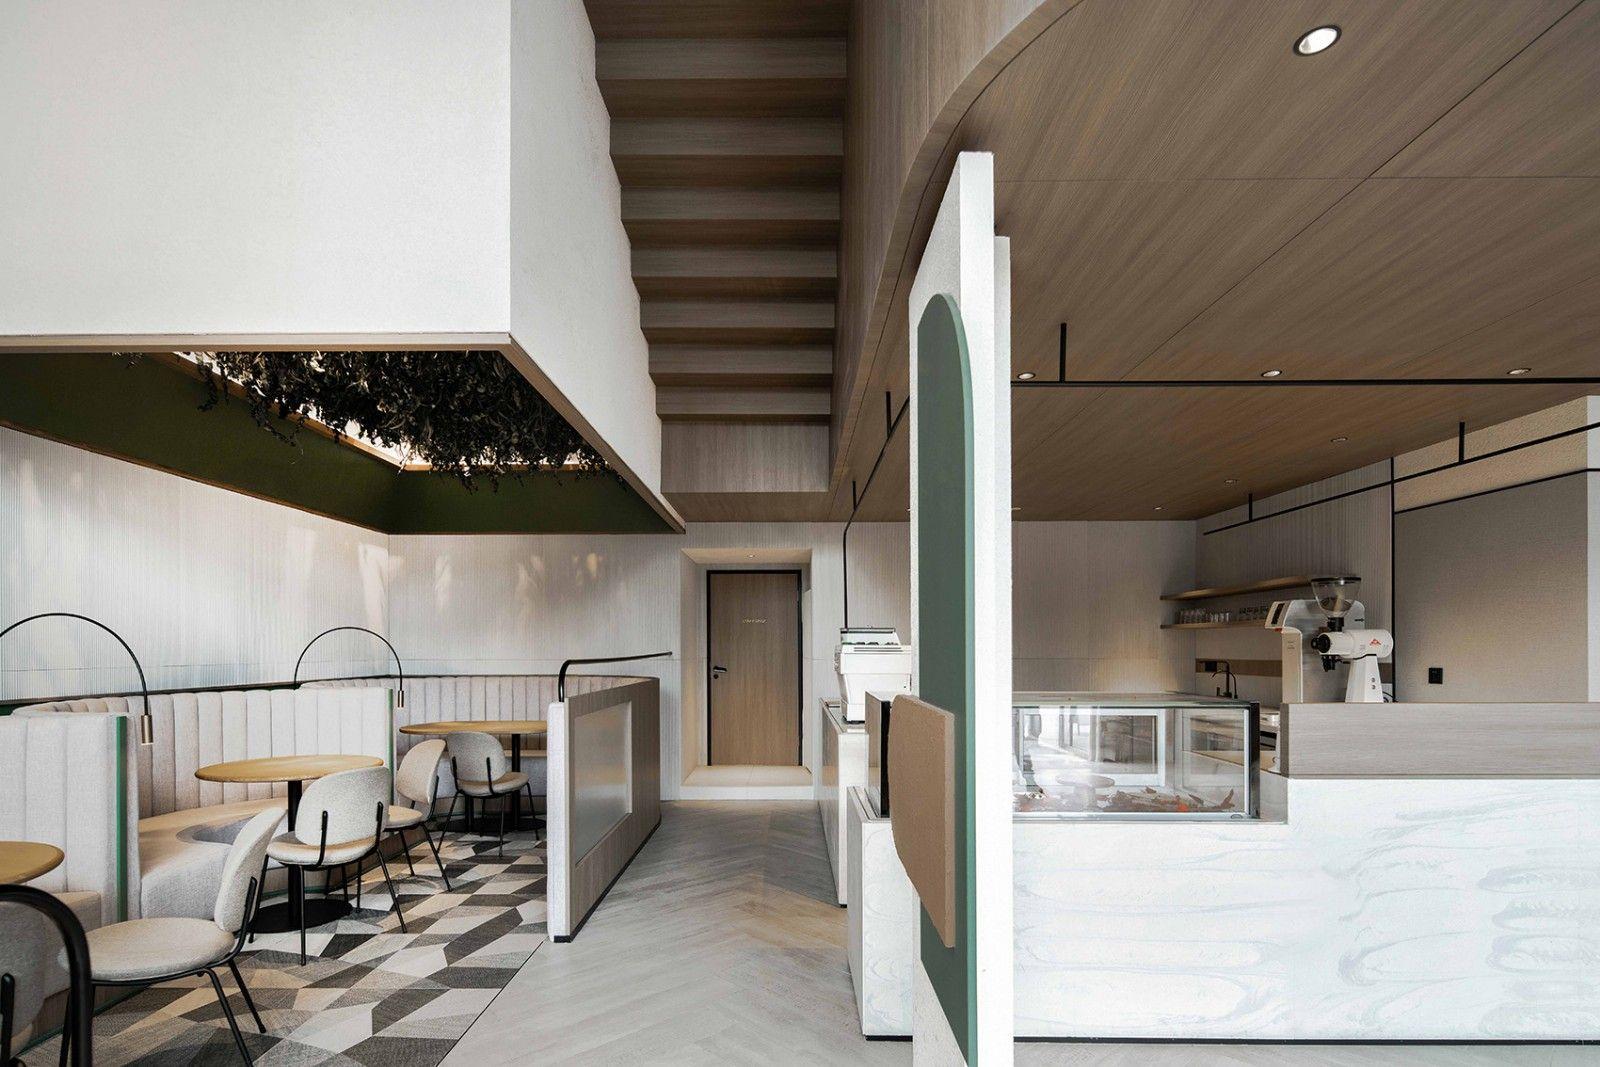 自然与精致工艺结合·成都LaTerre楽田餐厅 | 元太设计